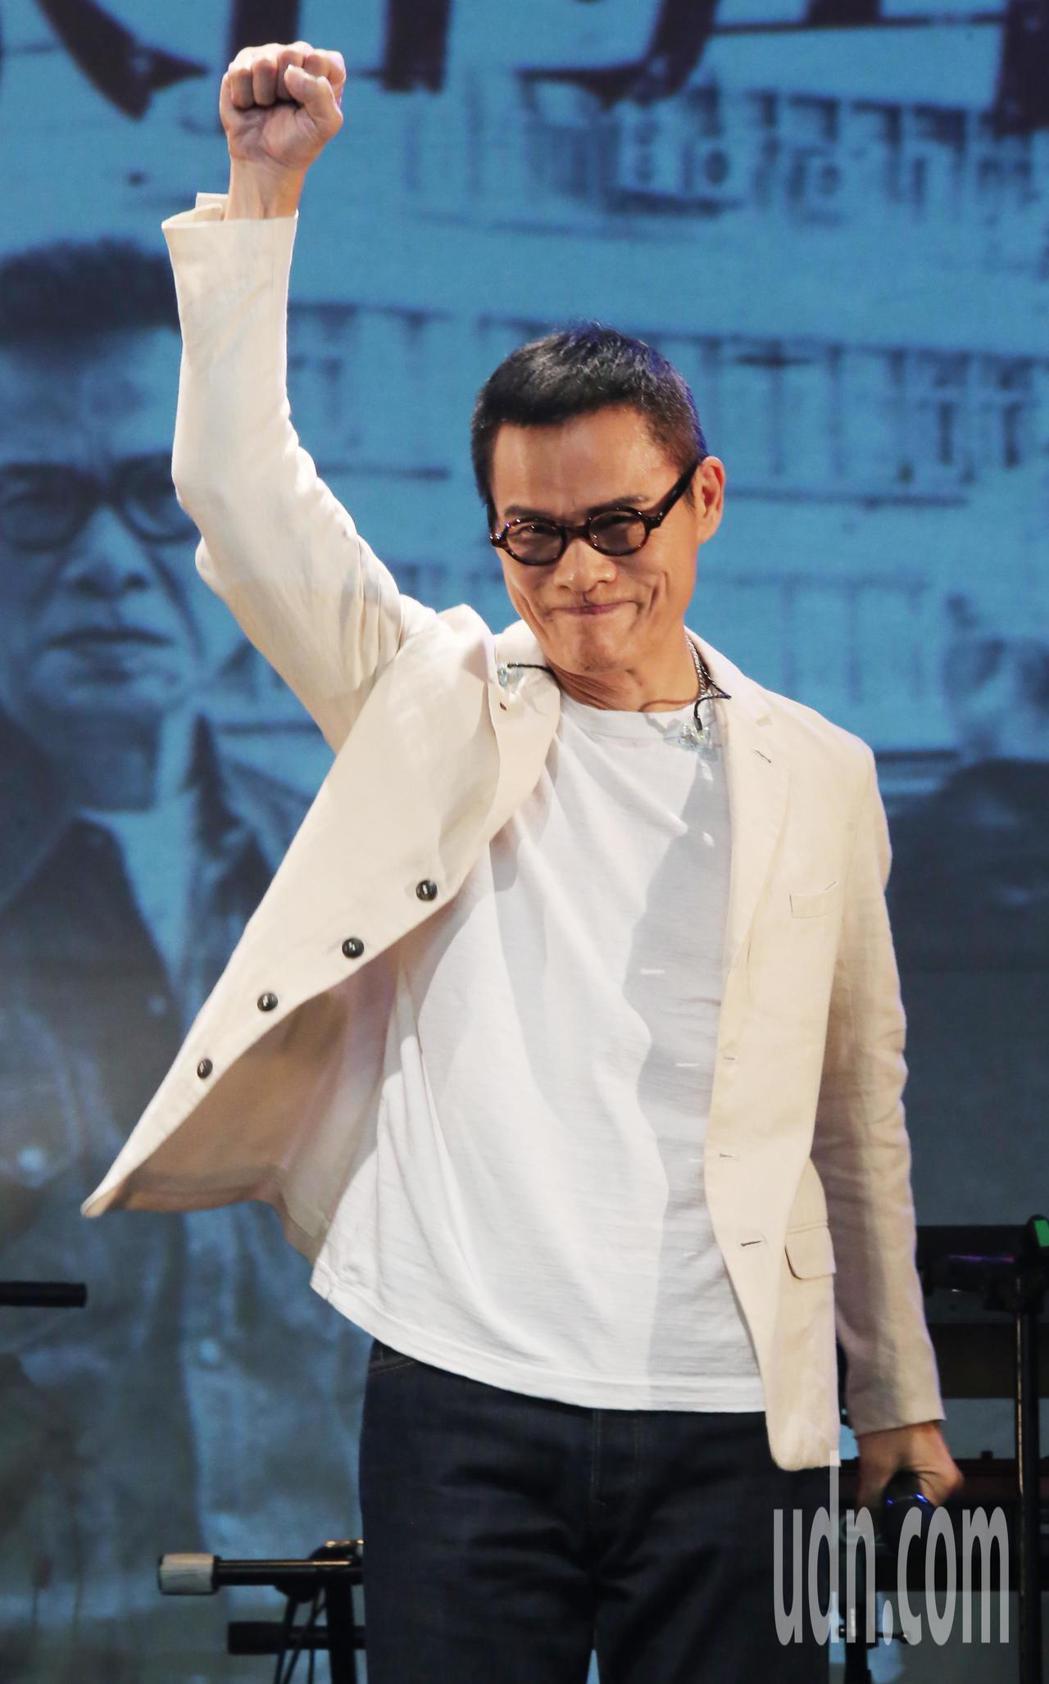 羅大佑(圖)演唱會「週3聚樂部─羅大佑與音樂瘋子的傳奇派對 」下午在華山lega...